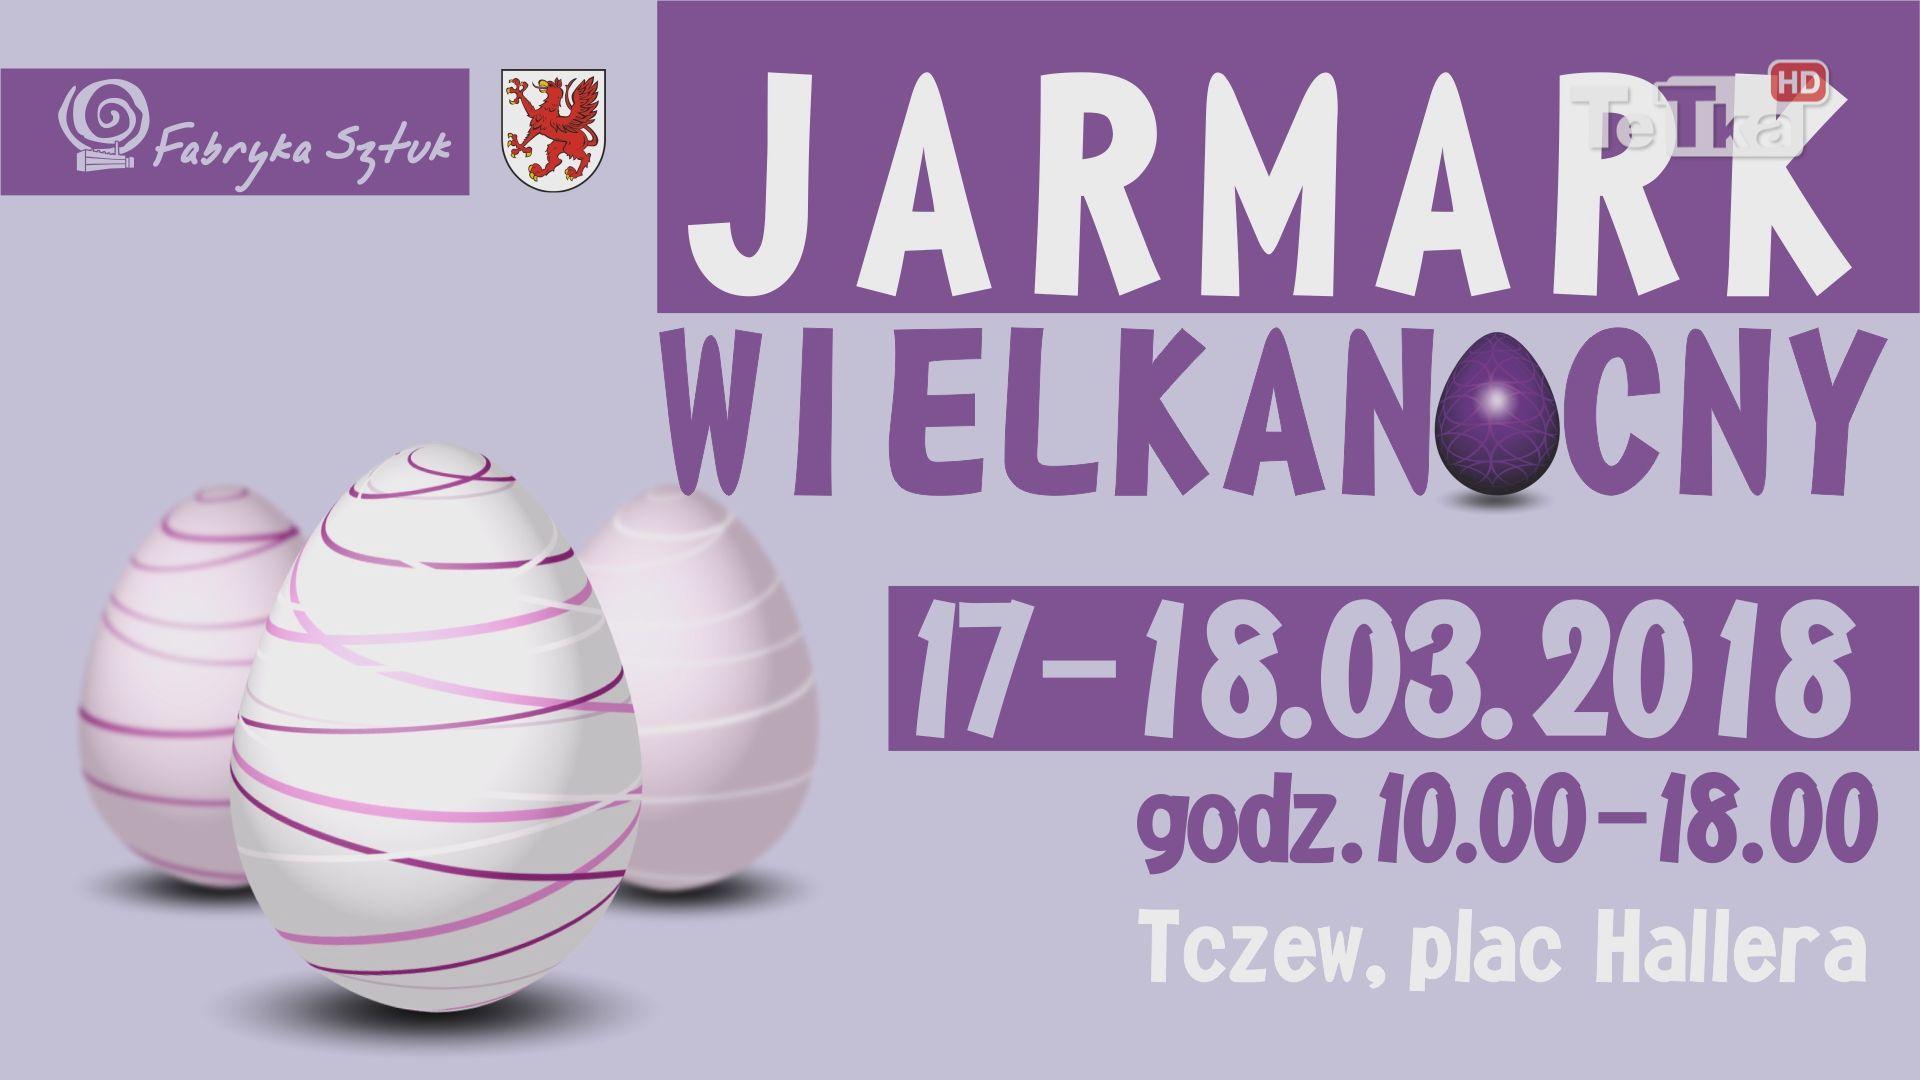 W weekend 17 i 18 marca odbędzie się w Tczewie Jarmark Wielkanocny